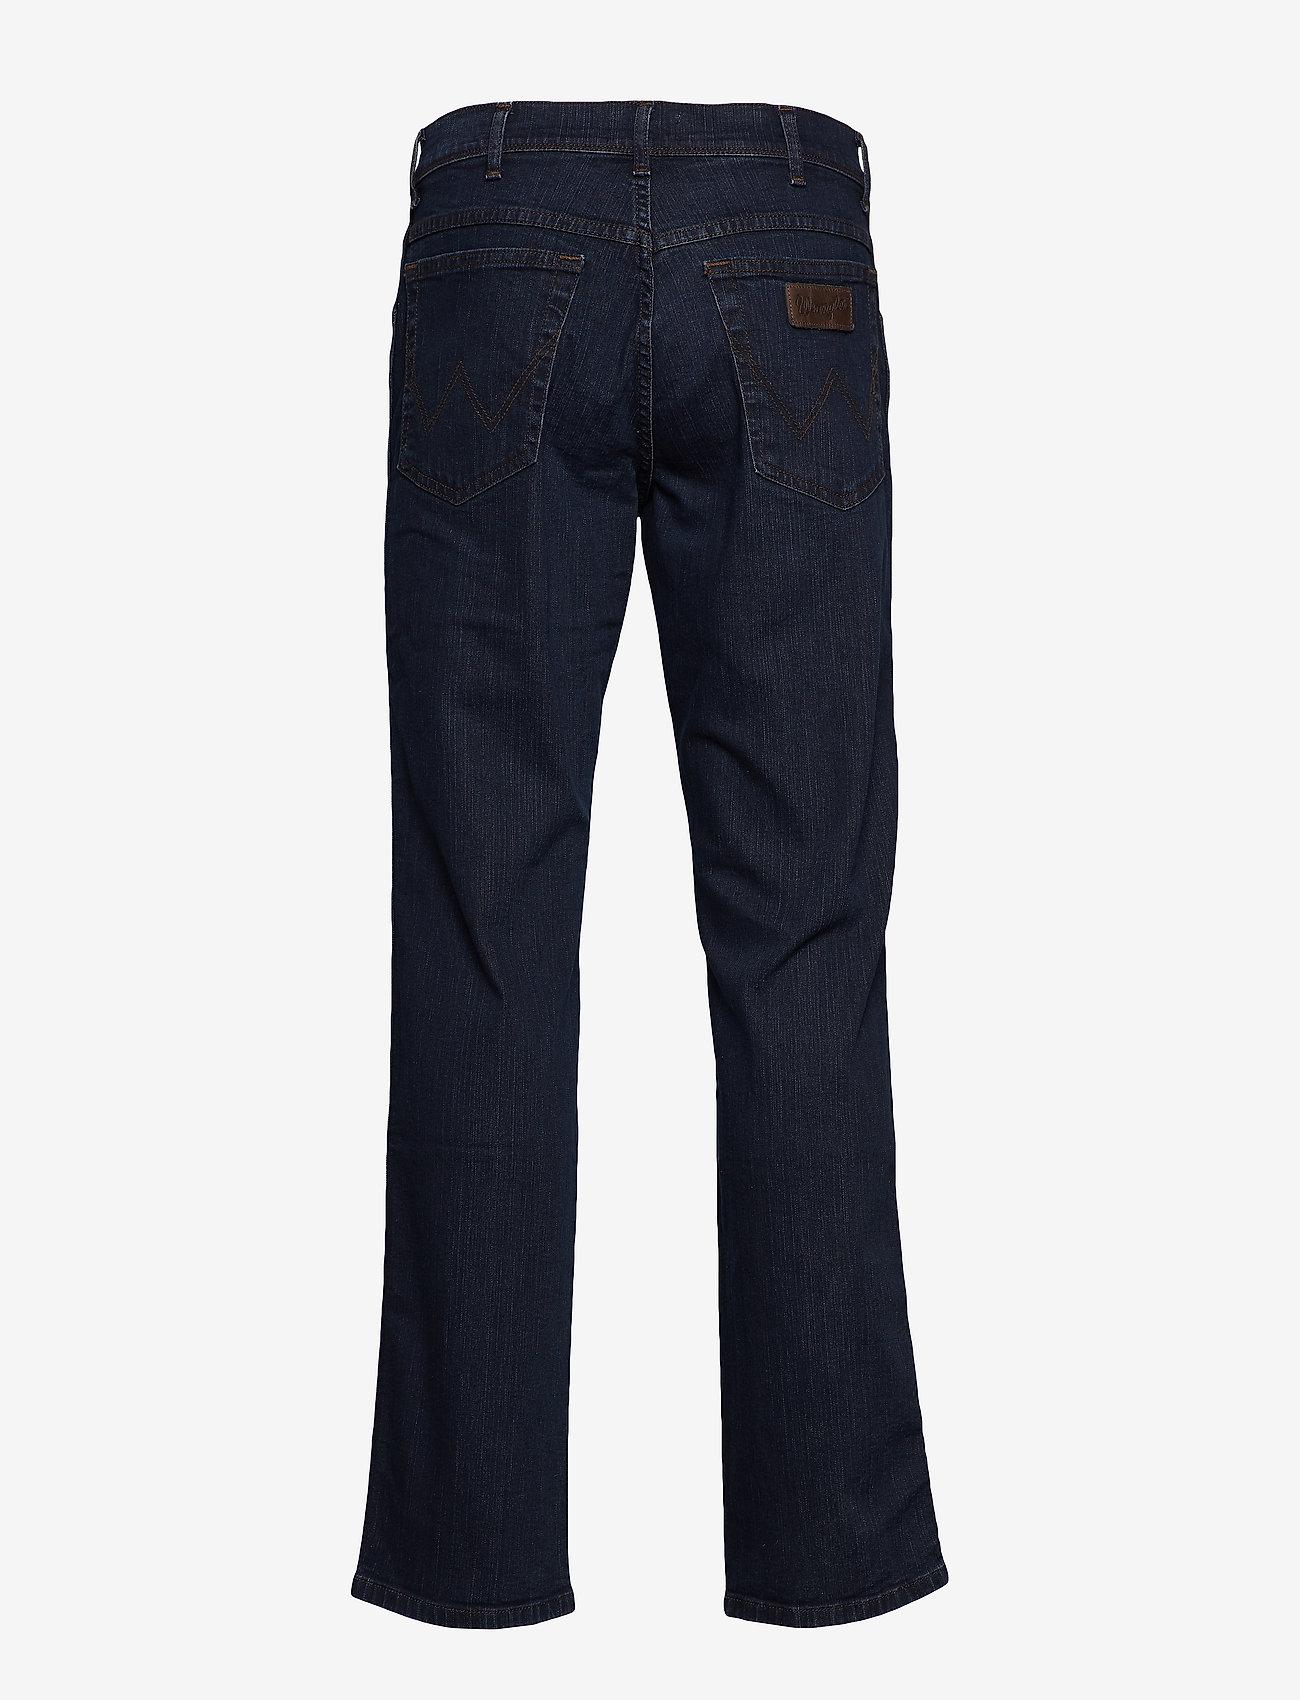 Wrangler TEXAS STRETCH BLUE - Jeans BLUE BLACK - Menn Klær